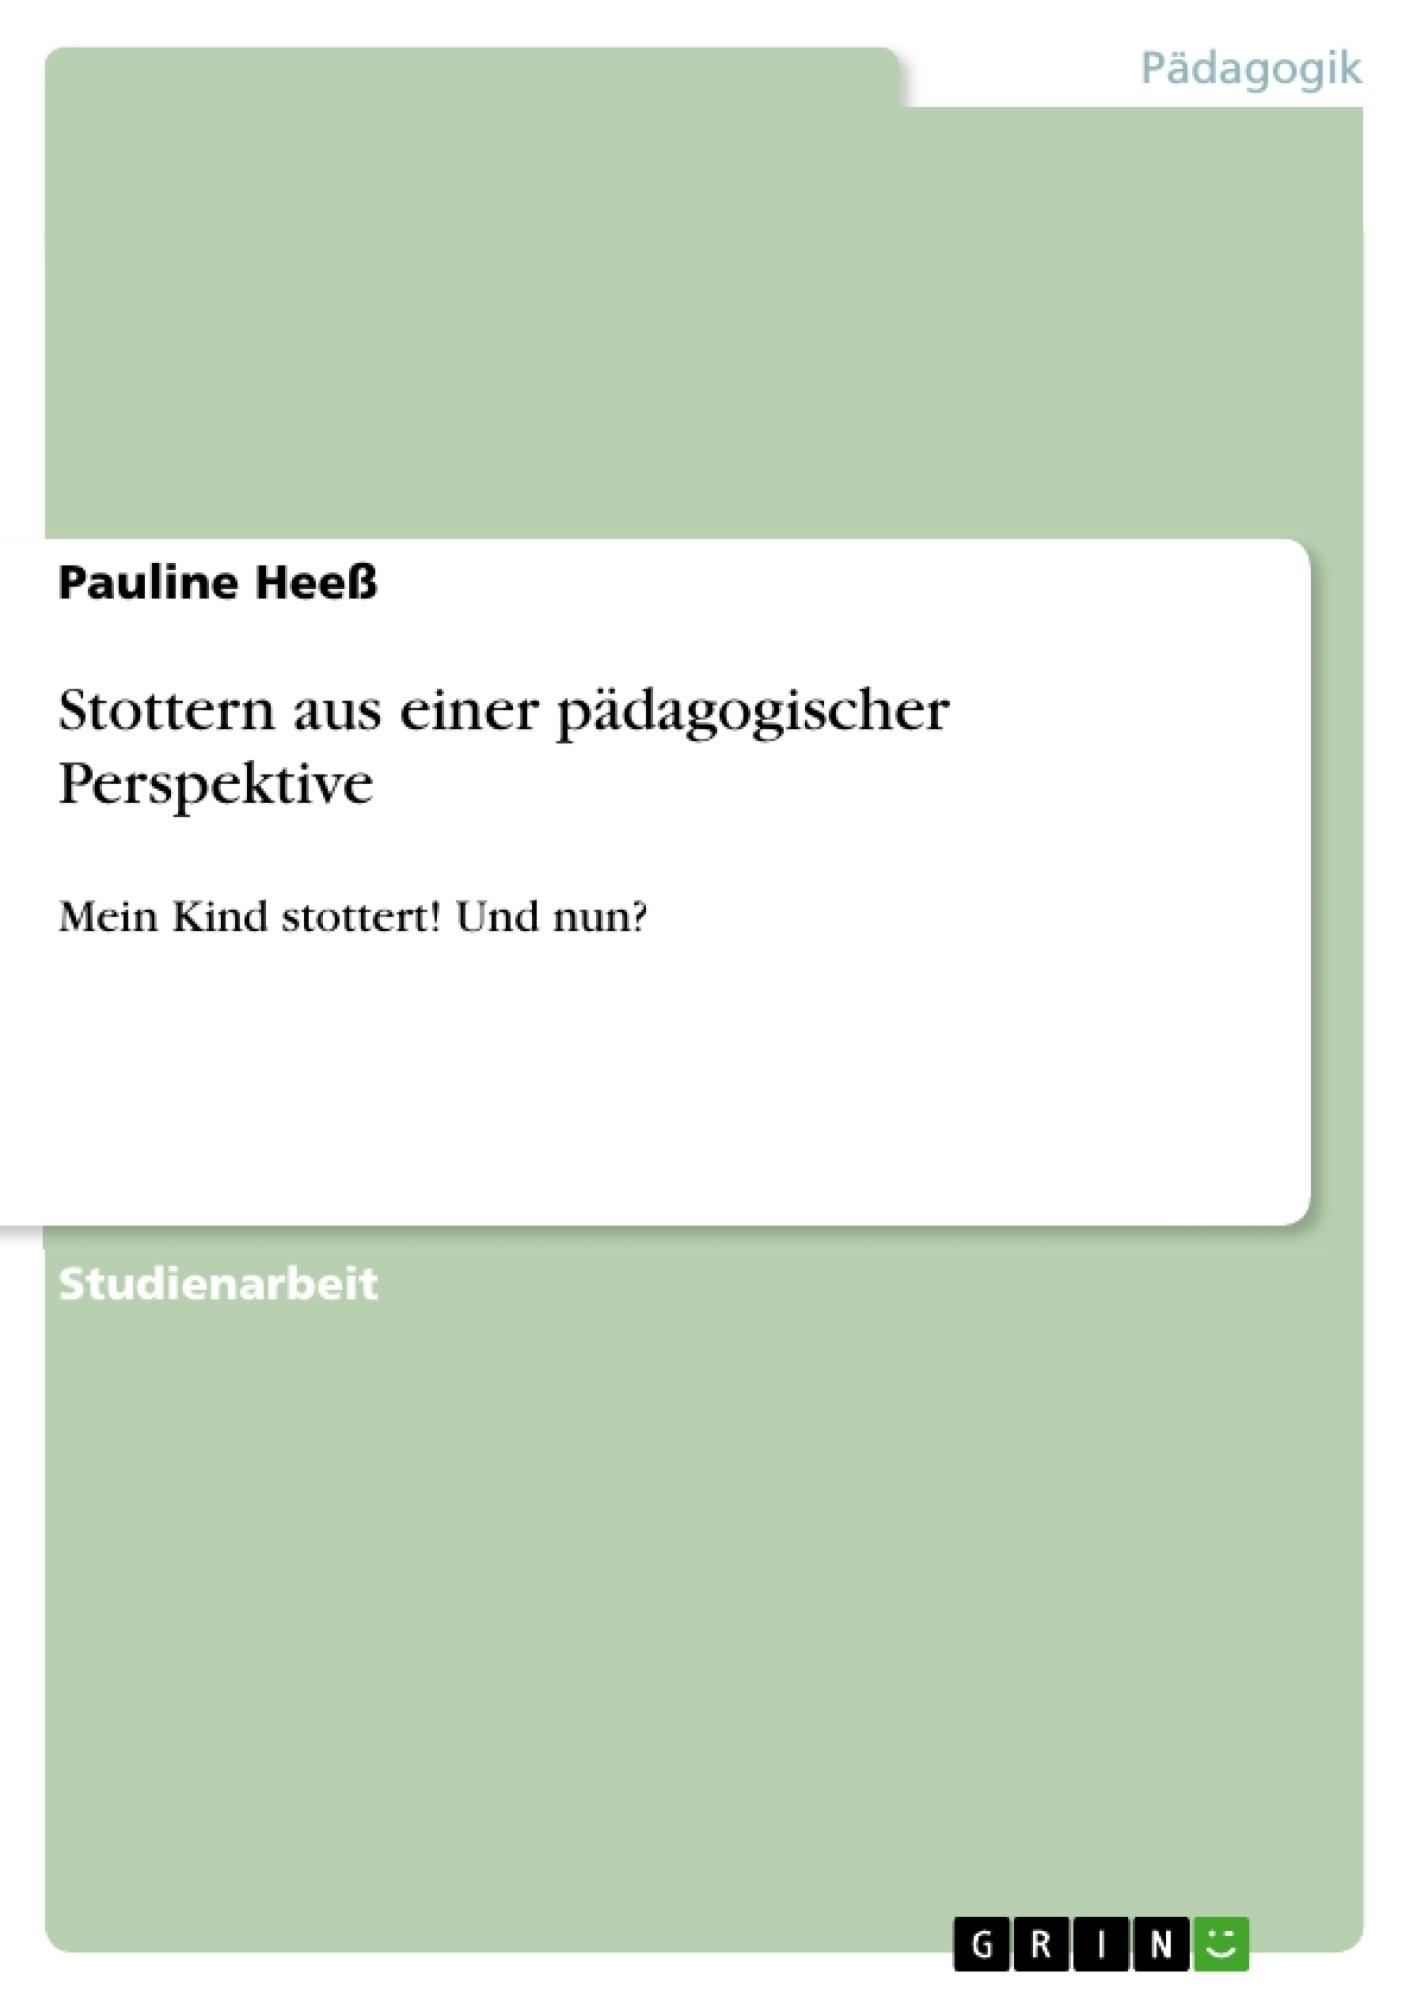 Titel: Stottern aus einer pädagogischer Perspektive